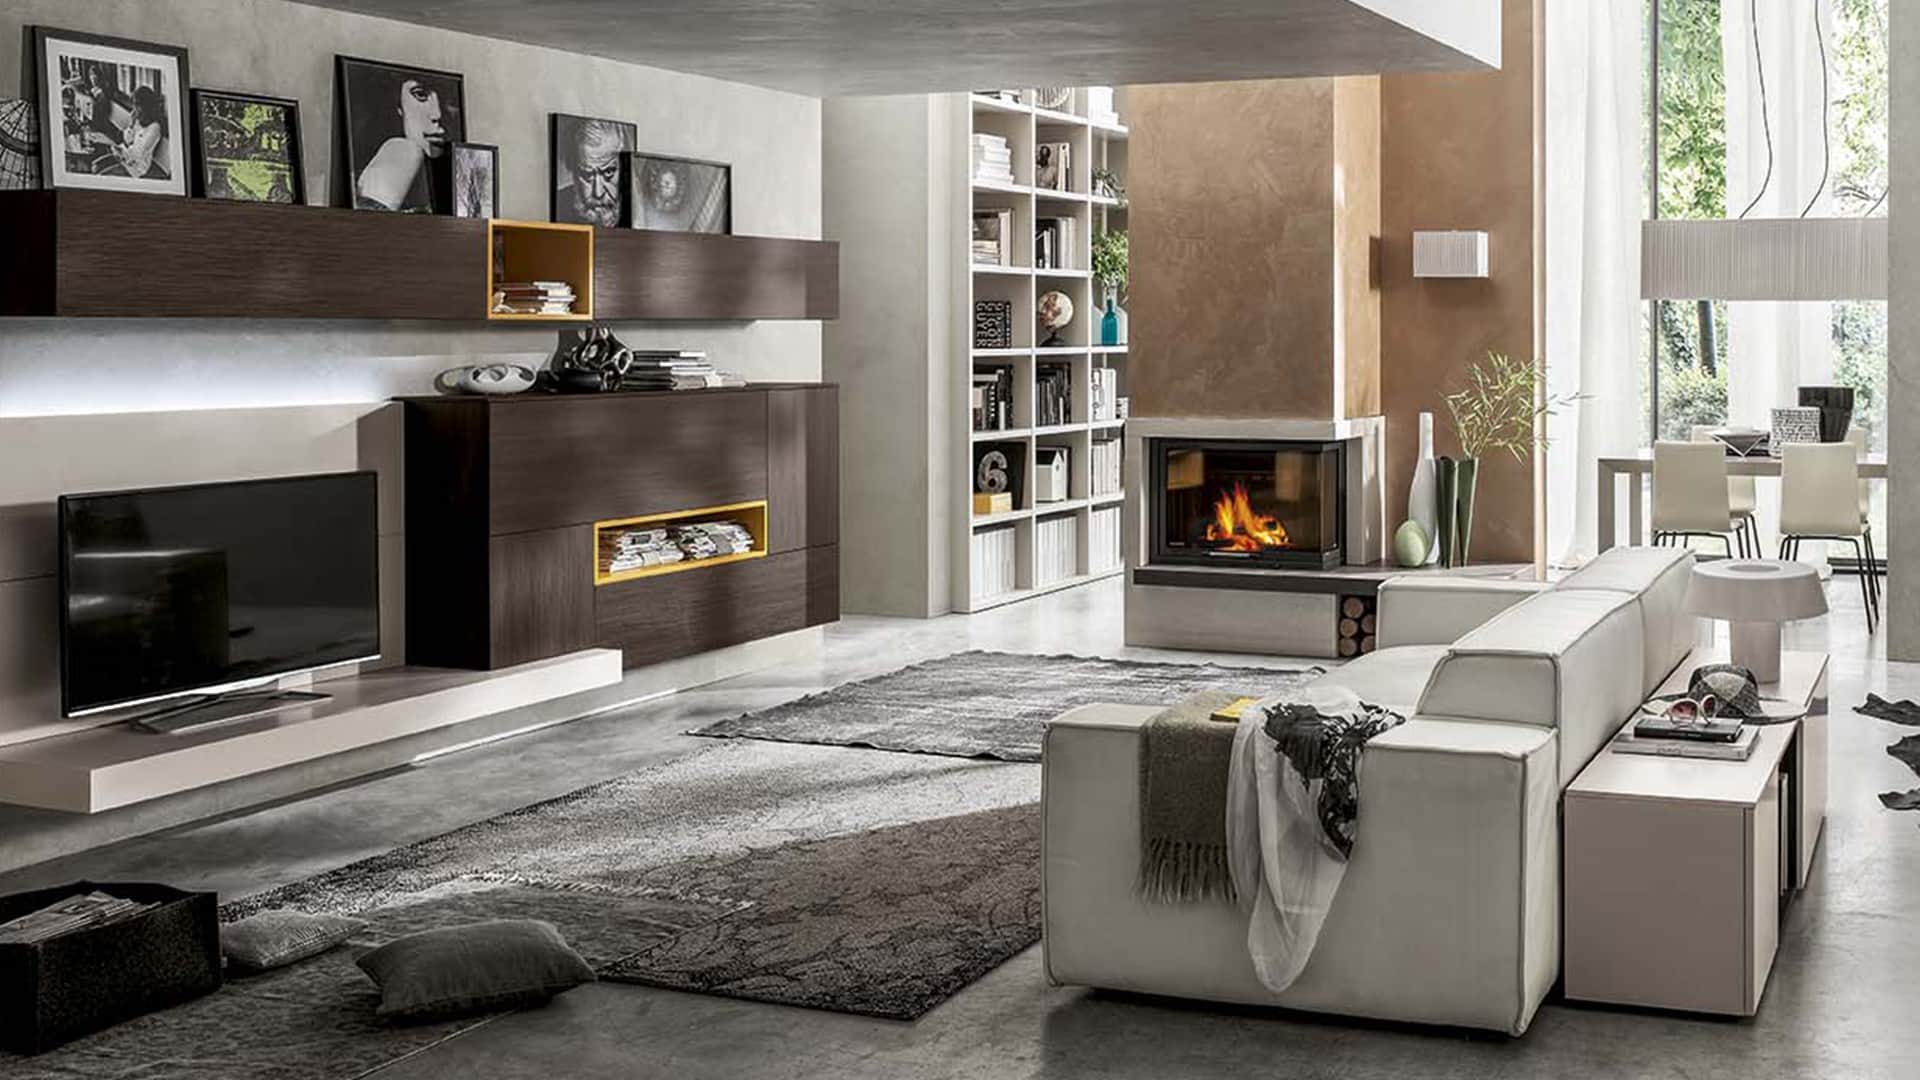 Vendita di mobili per soggiorno a Padova. Mobili da soggiorno economici ed in offerta.